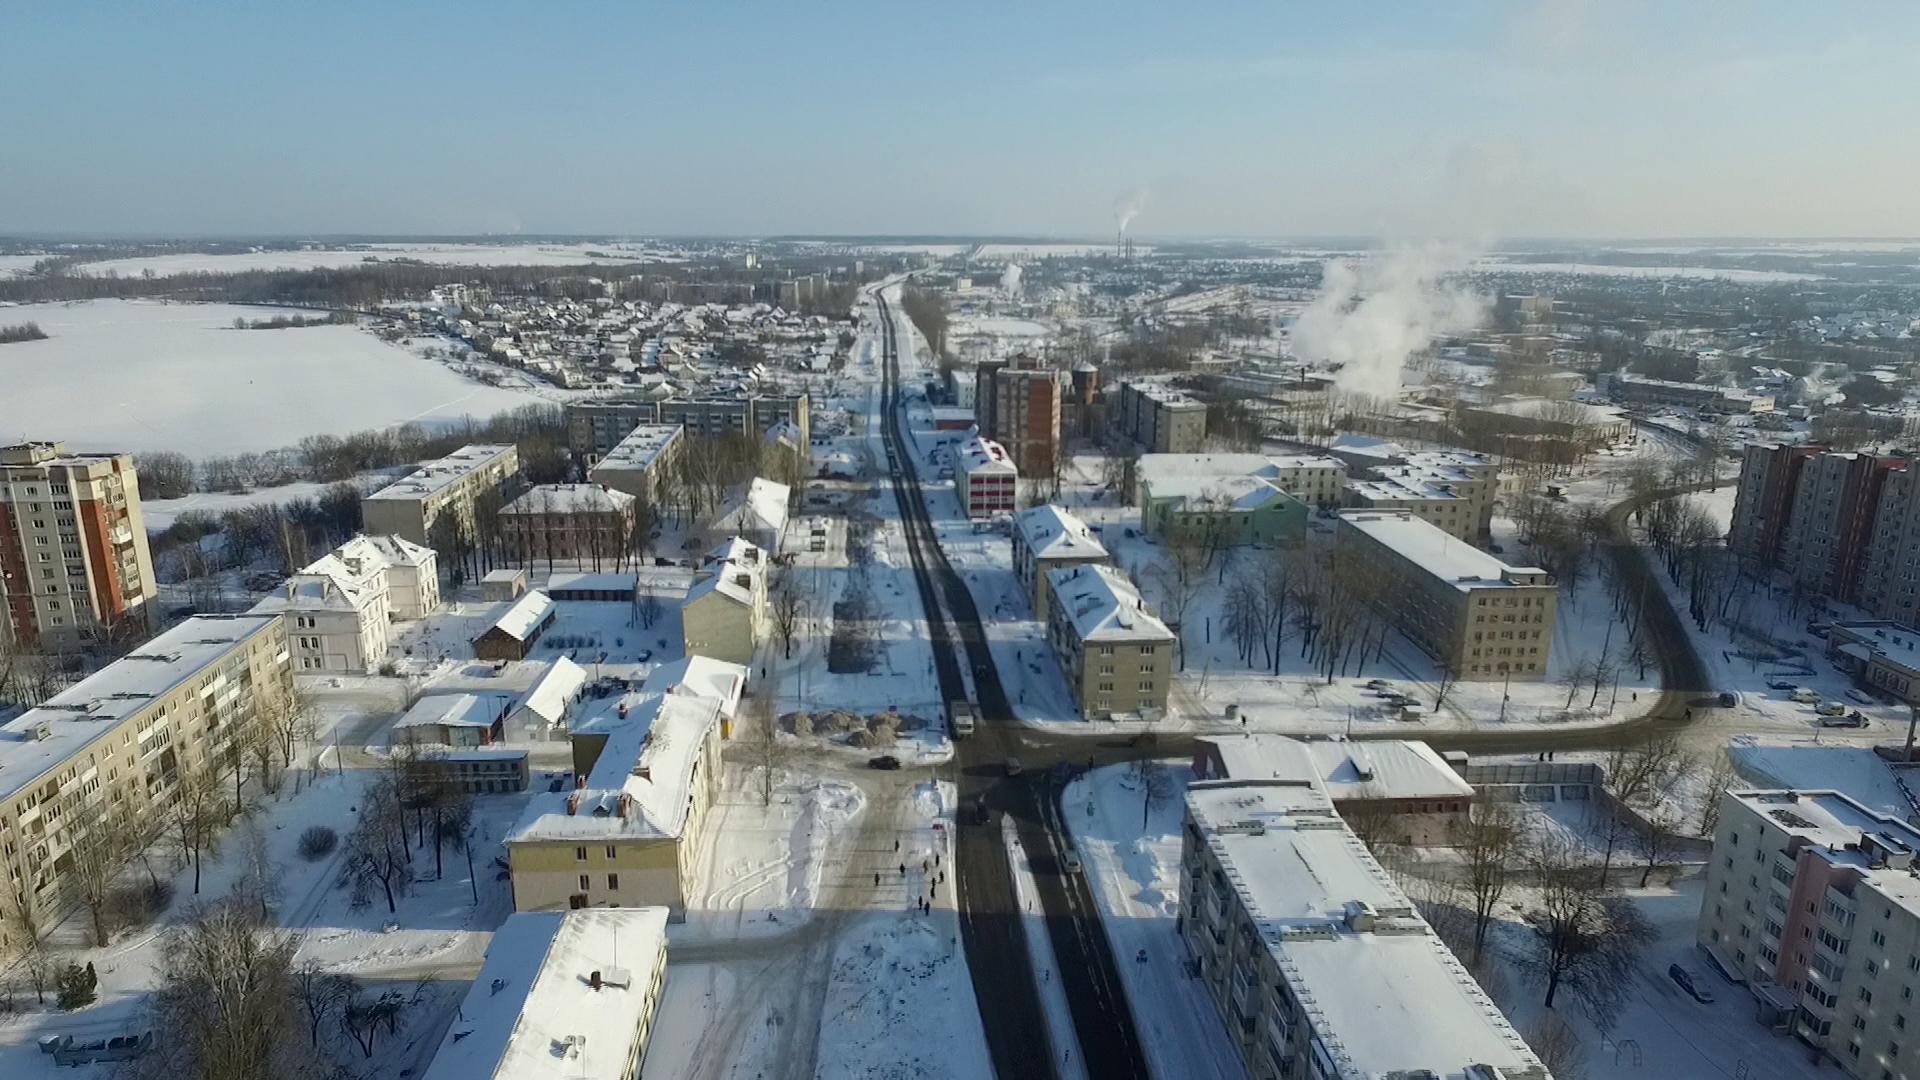 gagarina - Реконструкция улицы Гагарина в Витебске длится уже более полугода (видео)